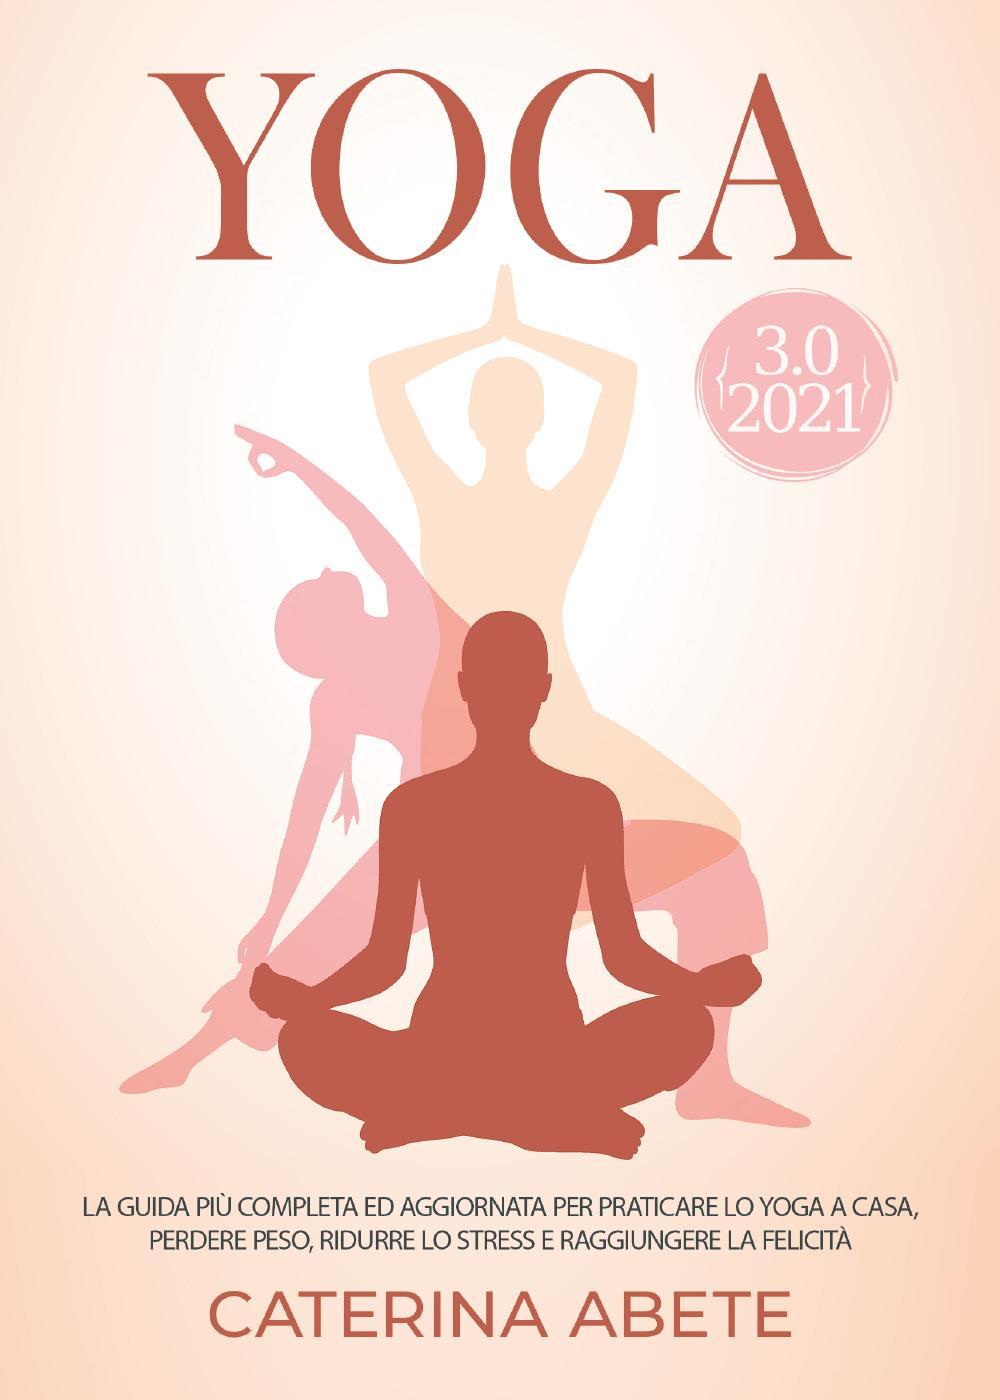 YOGA 3.0 2021; La Guida Più Completa e Aggiornata Per Praticare lo Yoga a Casa, Perdere Peso, Ridurre lo Stress e Raggiungere la Felicità